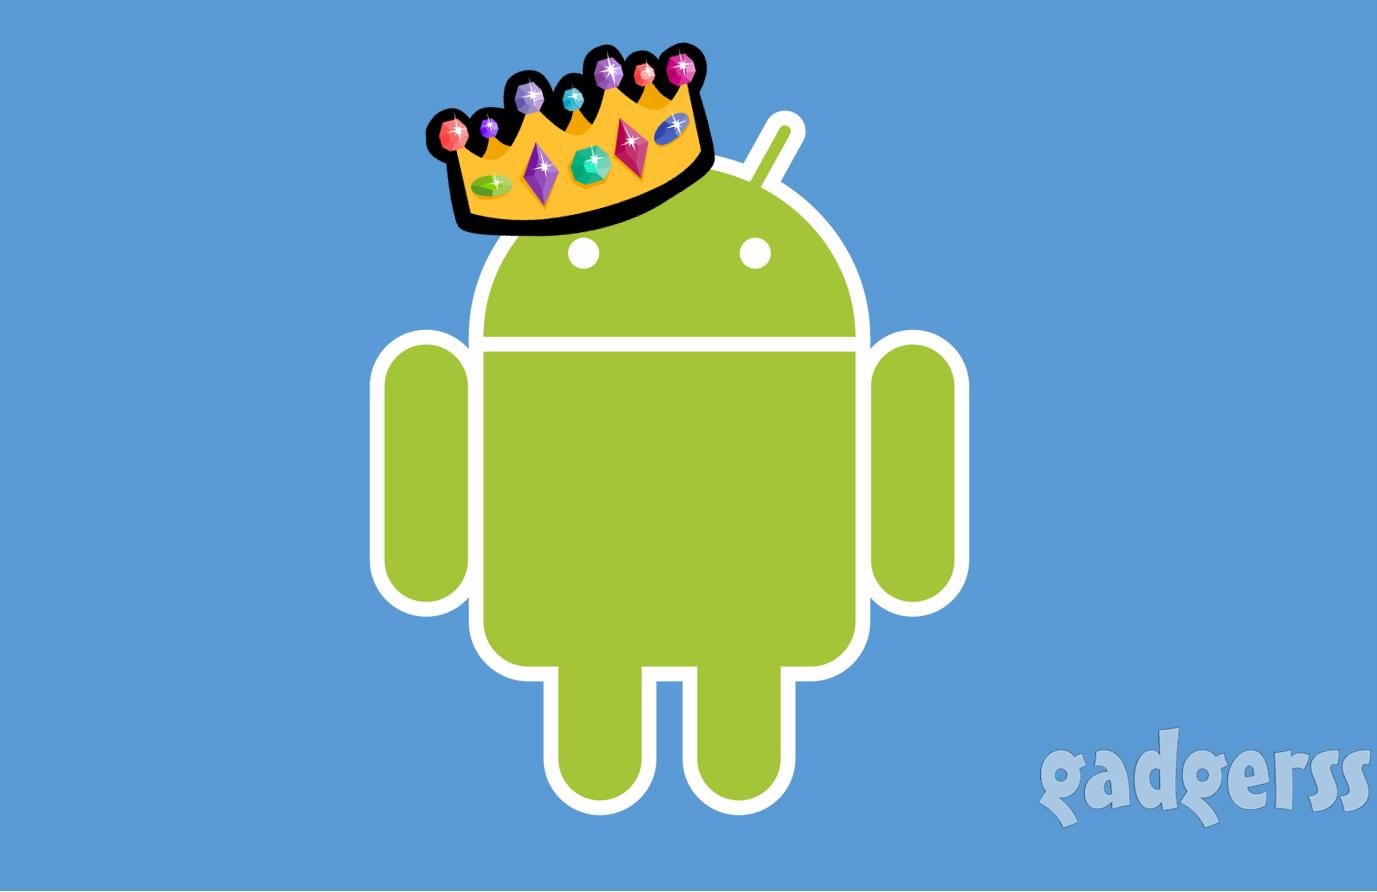 Android ya es el sistema operativo más popular en el mundo y supera a Windows ¿Pasa lo mismo en el Perú?